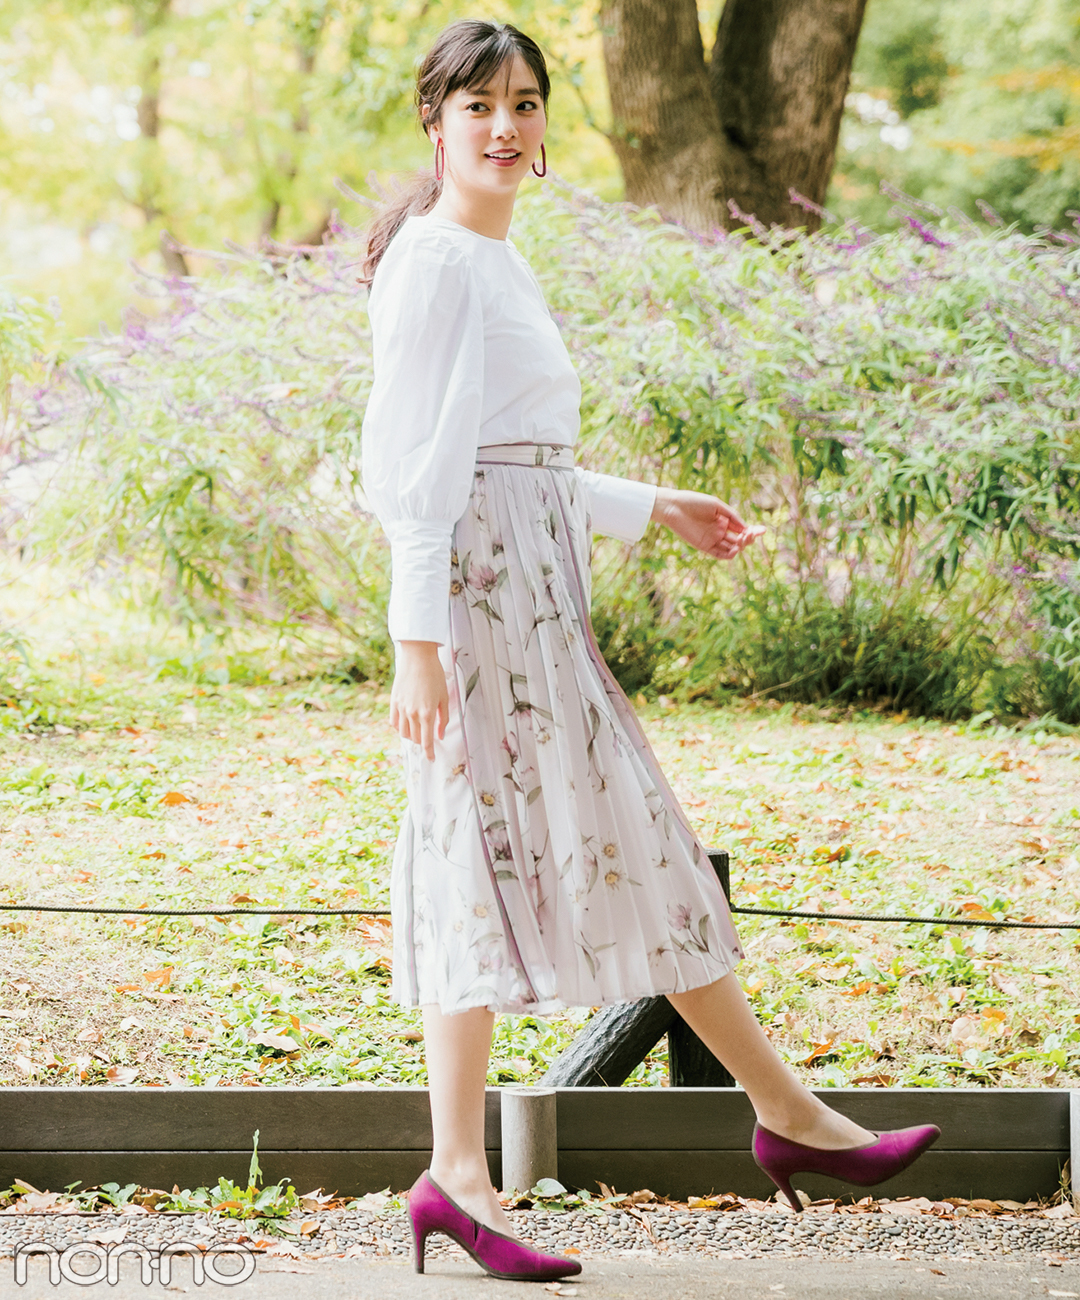 【春の花柄スカートコーデ】ストンとした花柄スカートでパフスリーブを強調